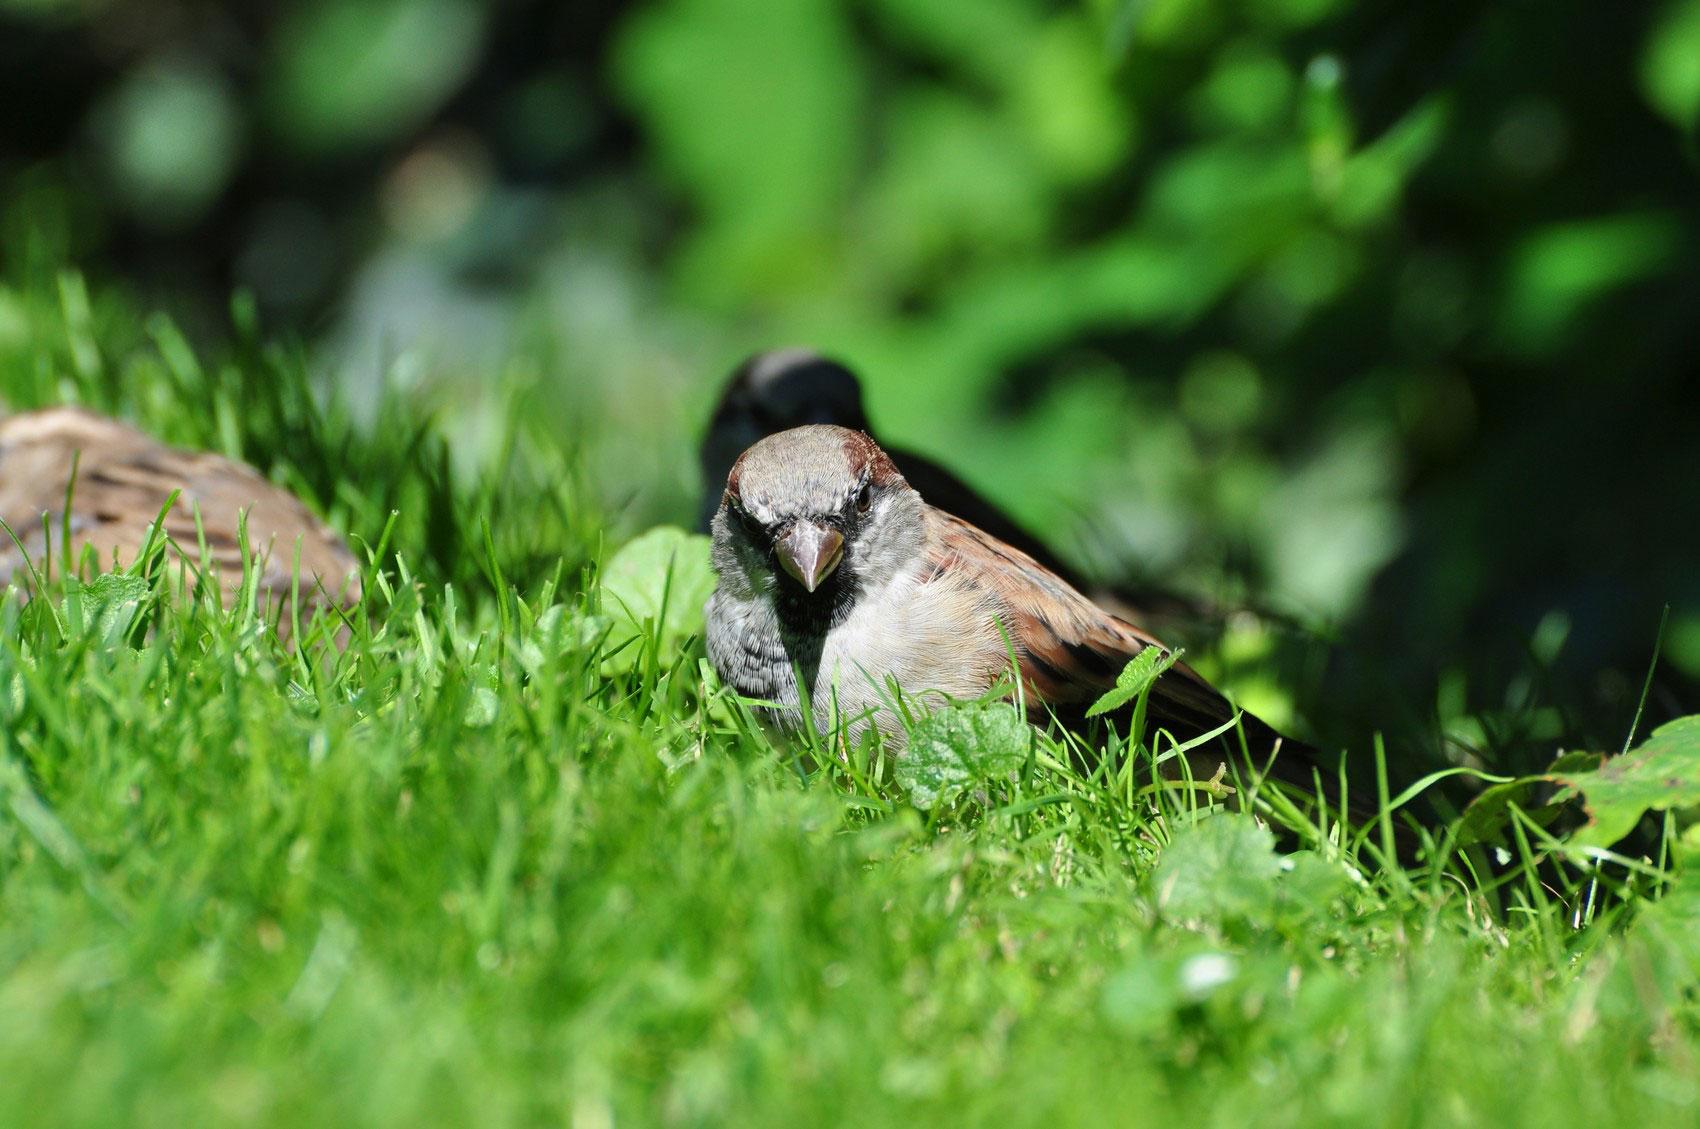 воробьи на траве, фото